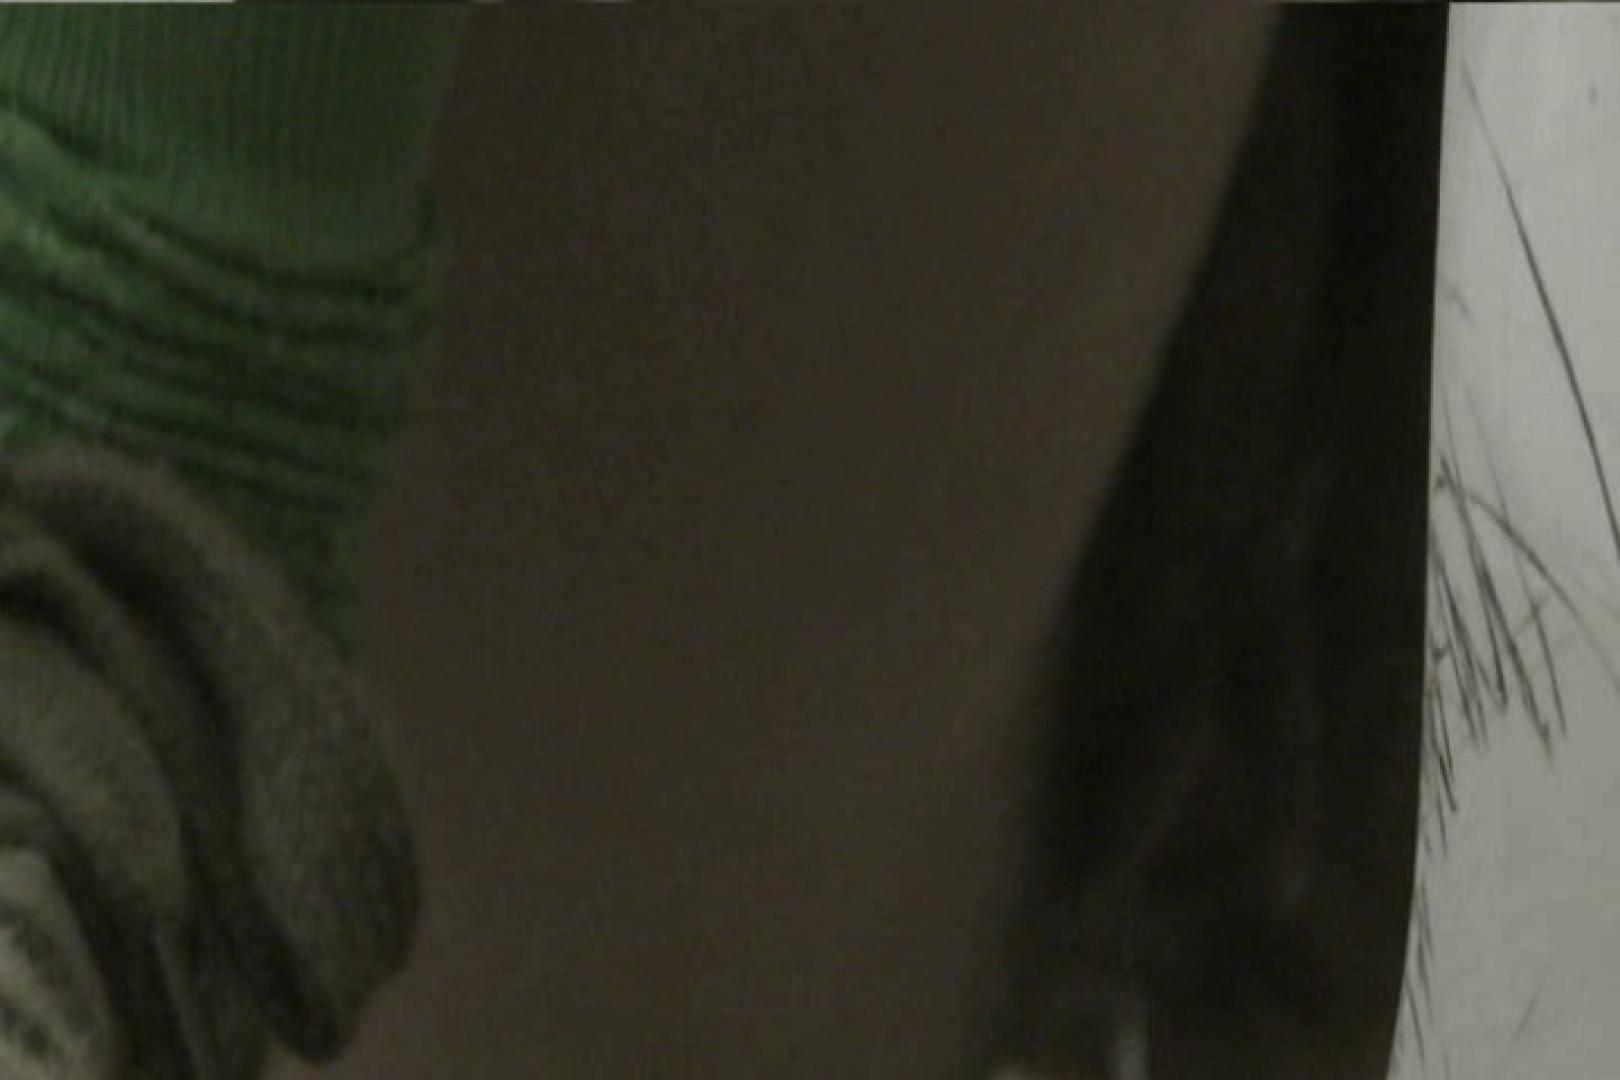 マンコ丸見え女子洗面所Vol.20 マンコ映像   美女OL  46連発 45